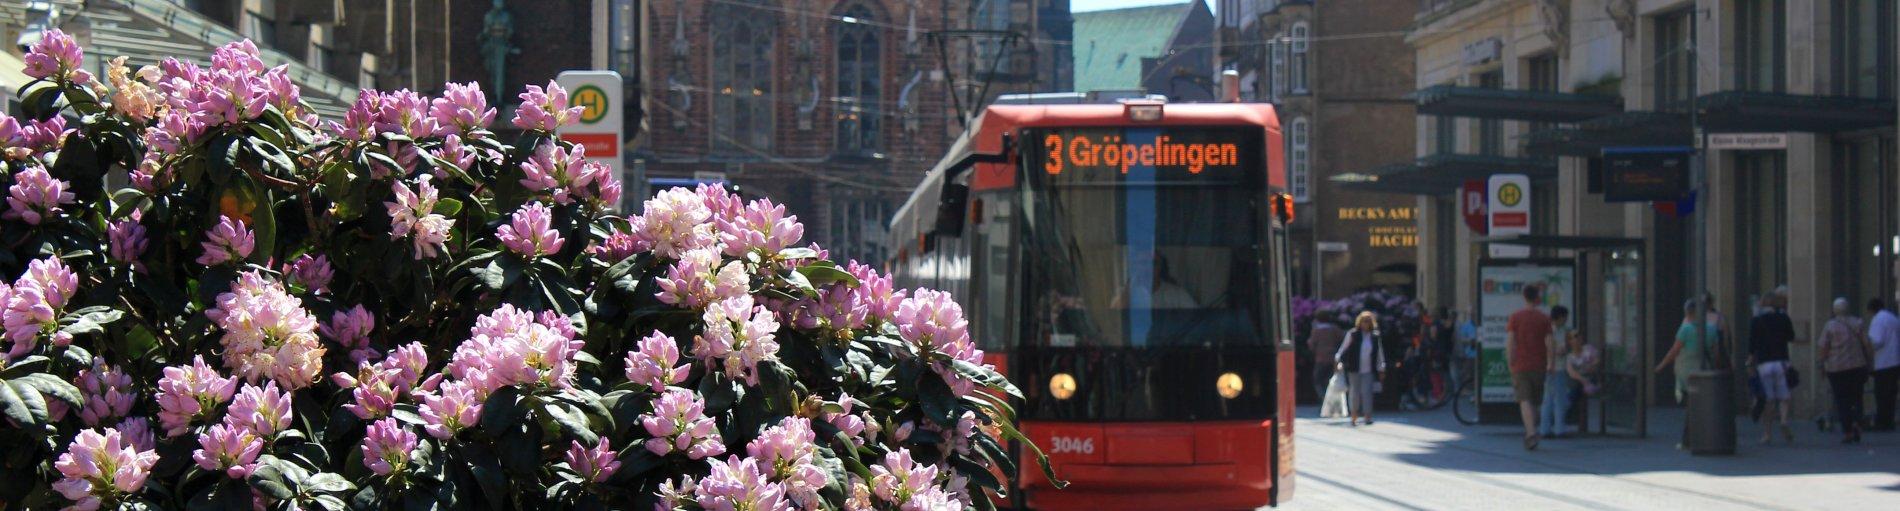 Die Linie 3 in der Obernstraße, links im Vordergrund ein blühender Rhododendron.